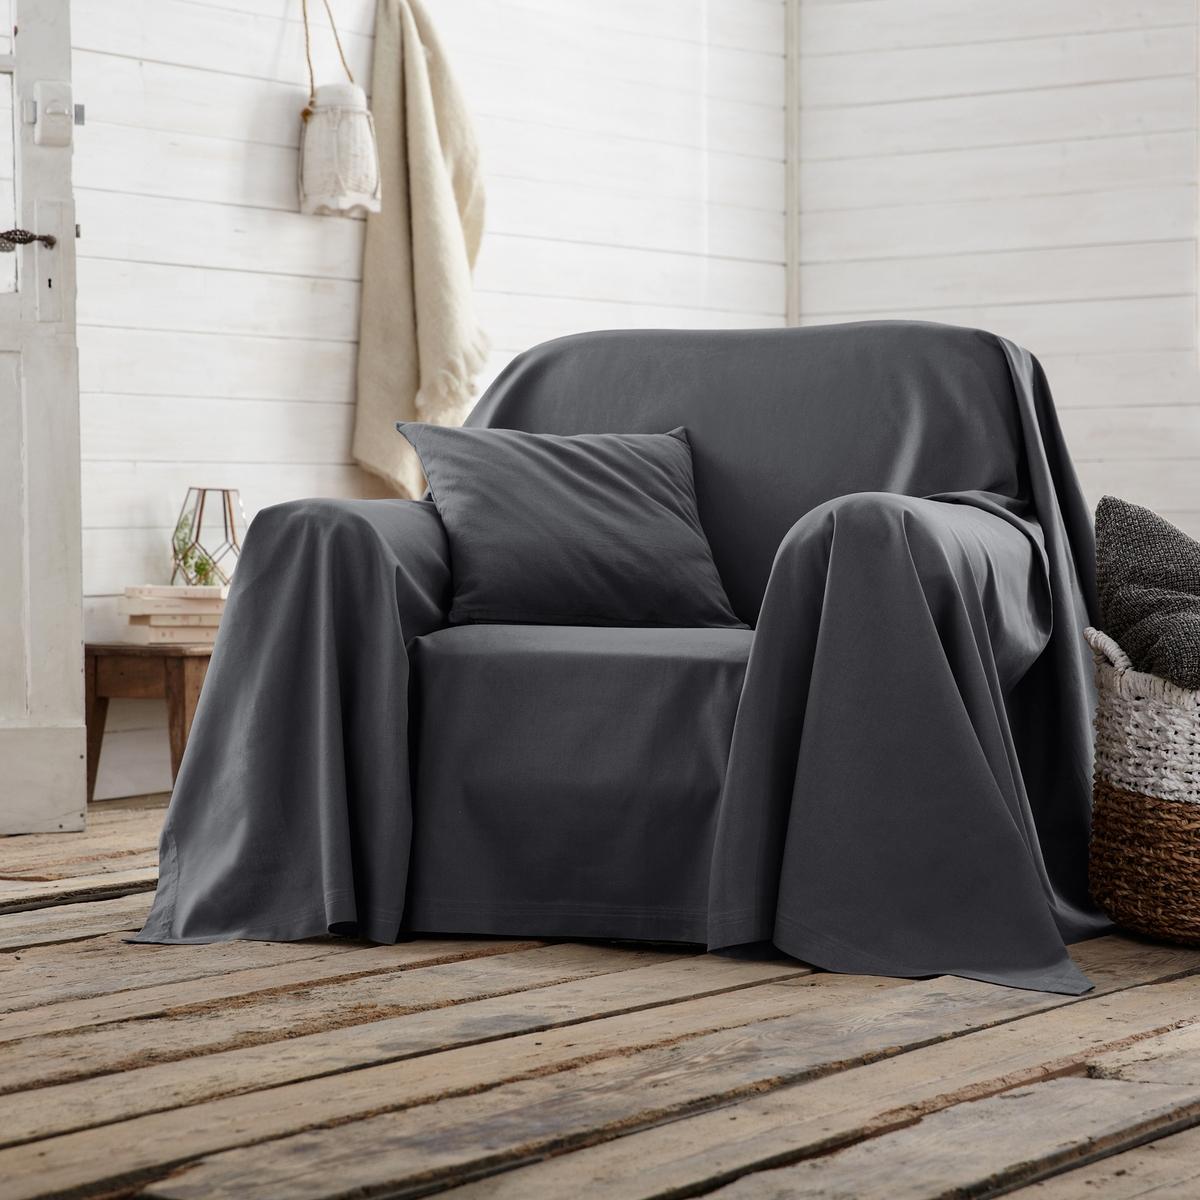 Покрывало для кресла или дивана однотонноеLa Redoute<br>Характеристики покрывала для кресла или дивана :- Плотная ткань из 100% хлопка (220 г/м?).- Простой уход: стирка при 40°, великолепная стойкость цвета.Производство осуществляется с учетом стандартов по защите окружающей среды и здоровья человека, что подтверждено сертификатом Oeko-tex®.<br><br>Цвет: белый,синий индиго,сливовый,черный,экрю